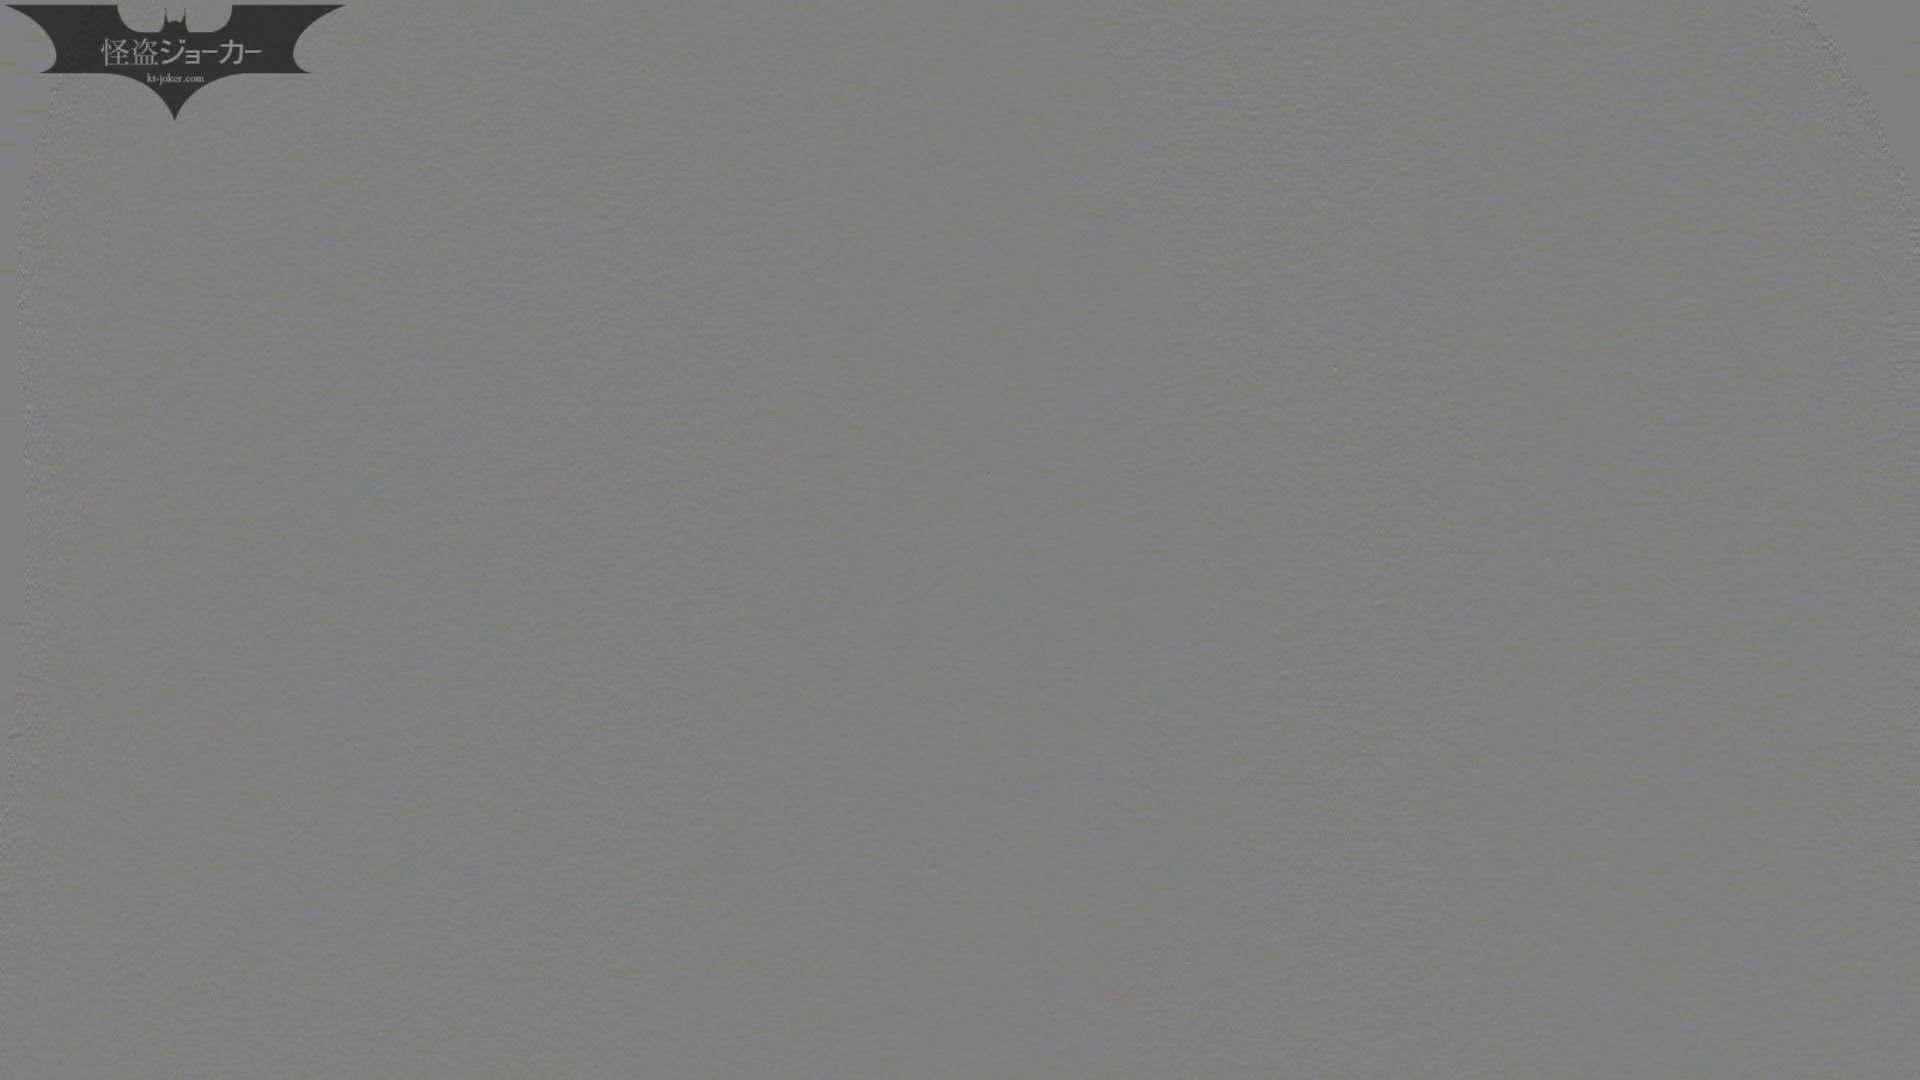 洗面所特攻隊 vol.46続編 サムネの子の・・・【2015・23位】 エロくん潜入 | 洗面所  64連発 7